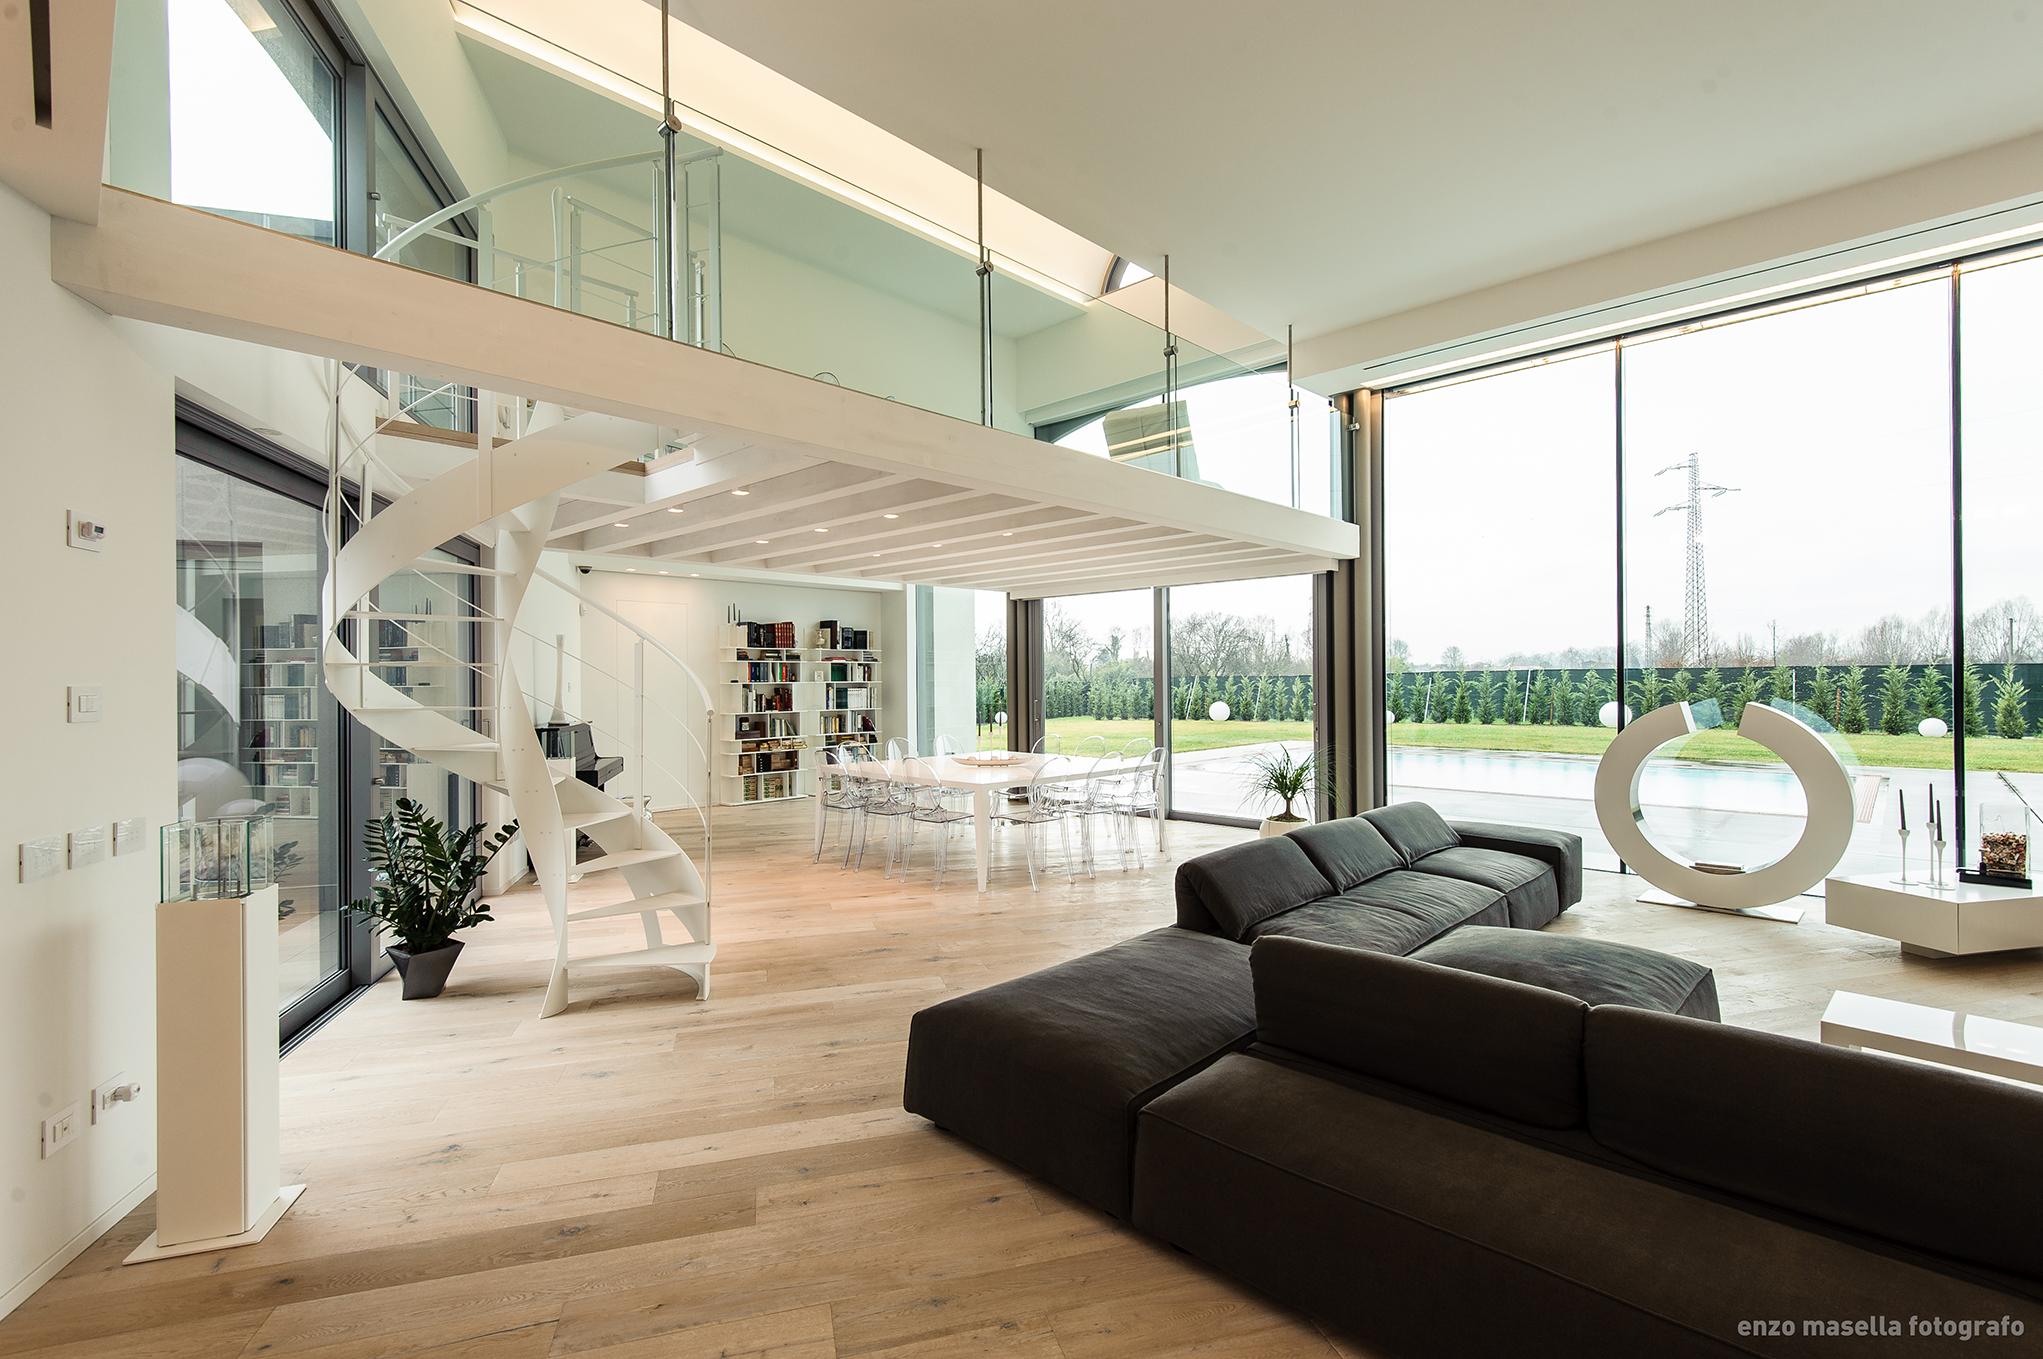 Case arredate moderne. stunning esempi di case arredate le chicche